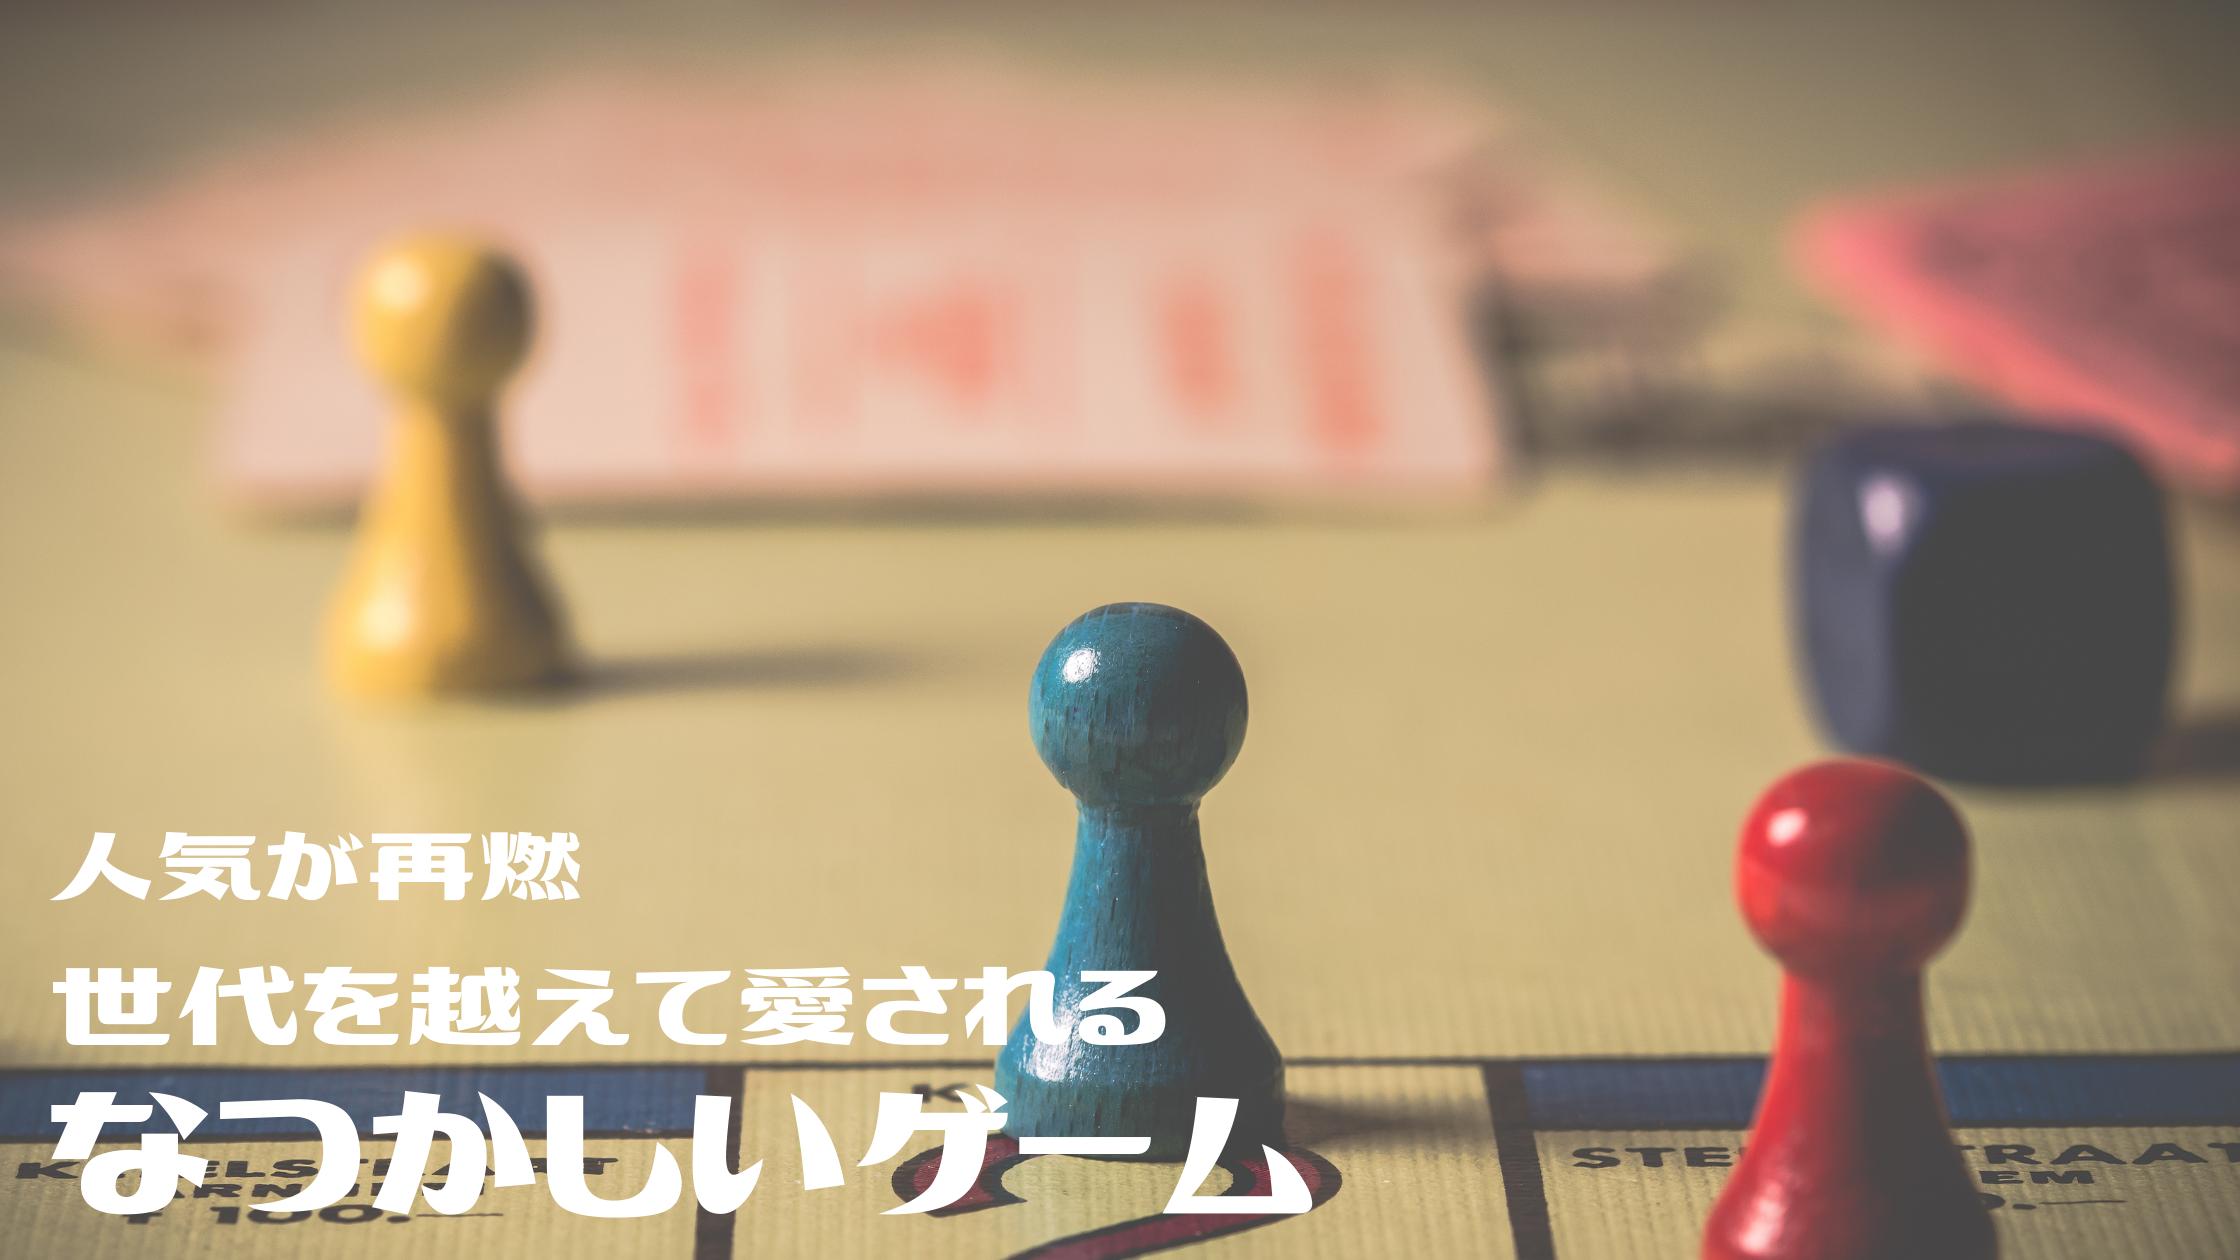 人気が再燃 【昔懐かしいゲーム】『ルービックキューブ』『テトリス』が大ブーム